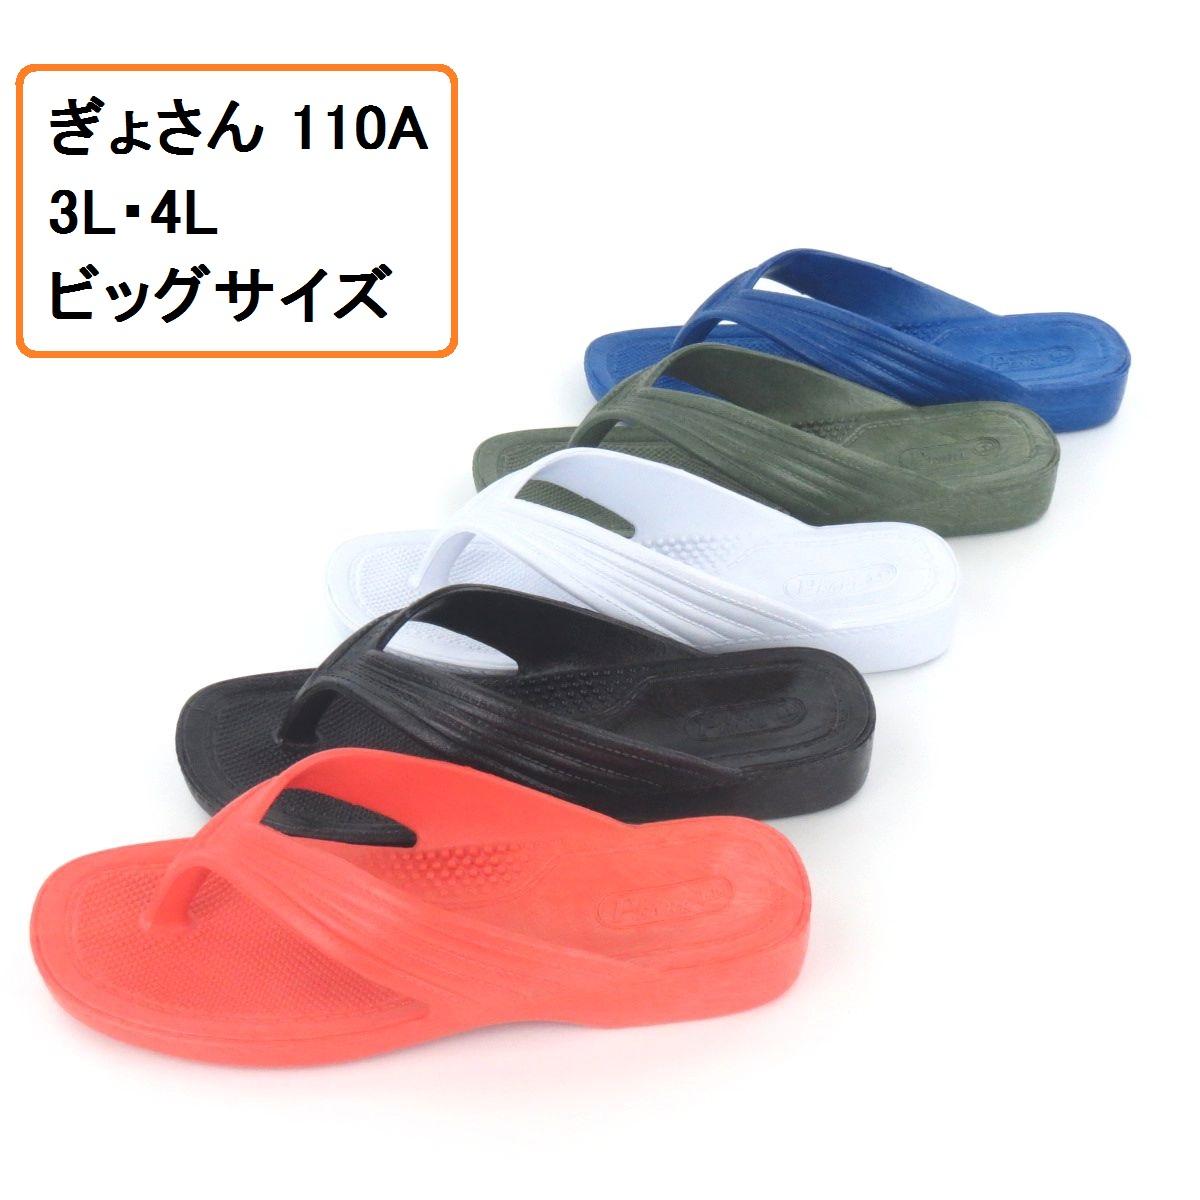 ギョサン・ぎょさん・メンズ・110A 大きいサイズ made in japan PEARL印のgyosan